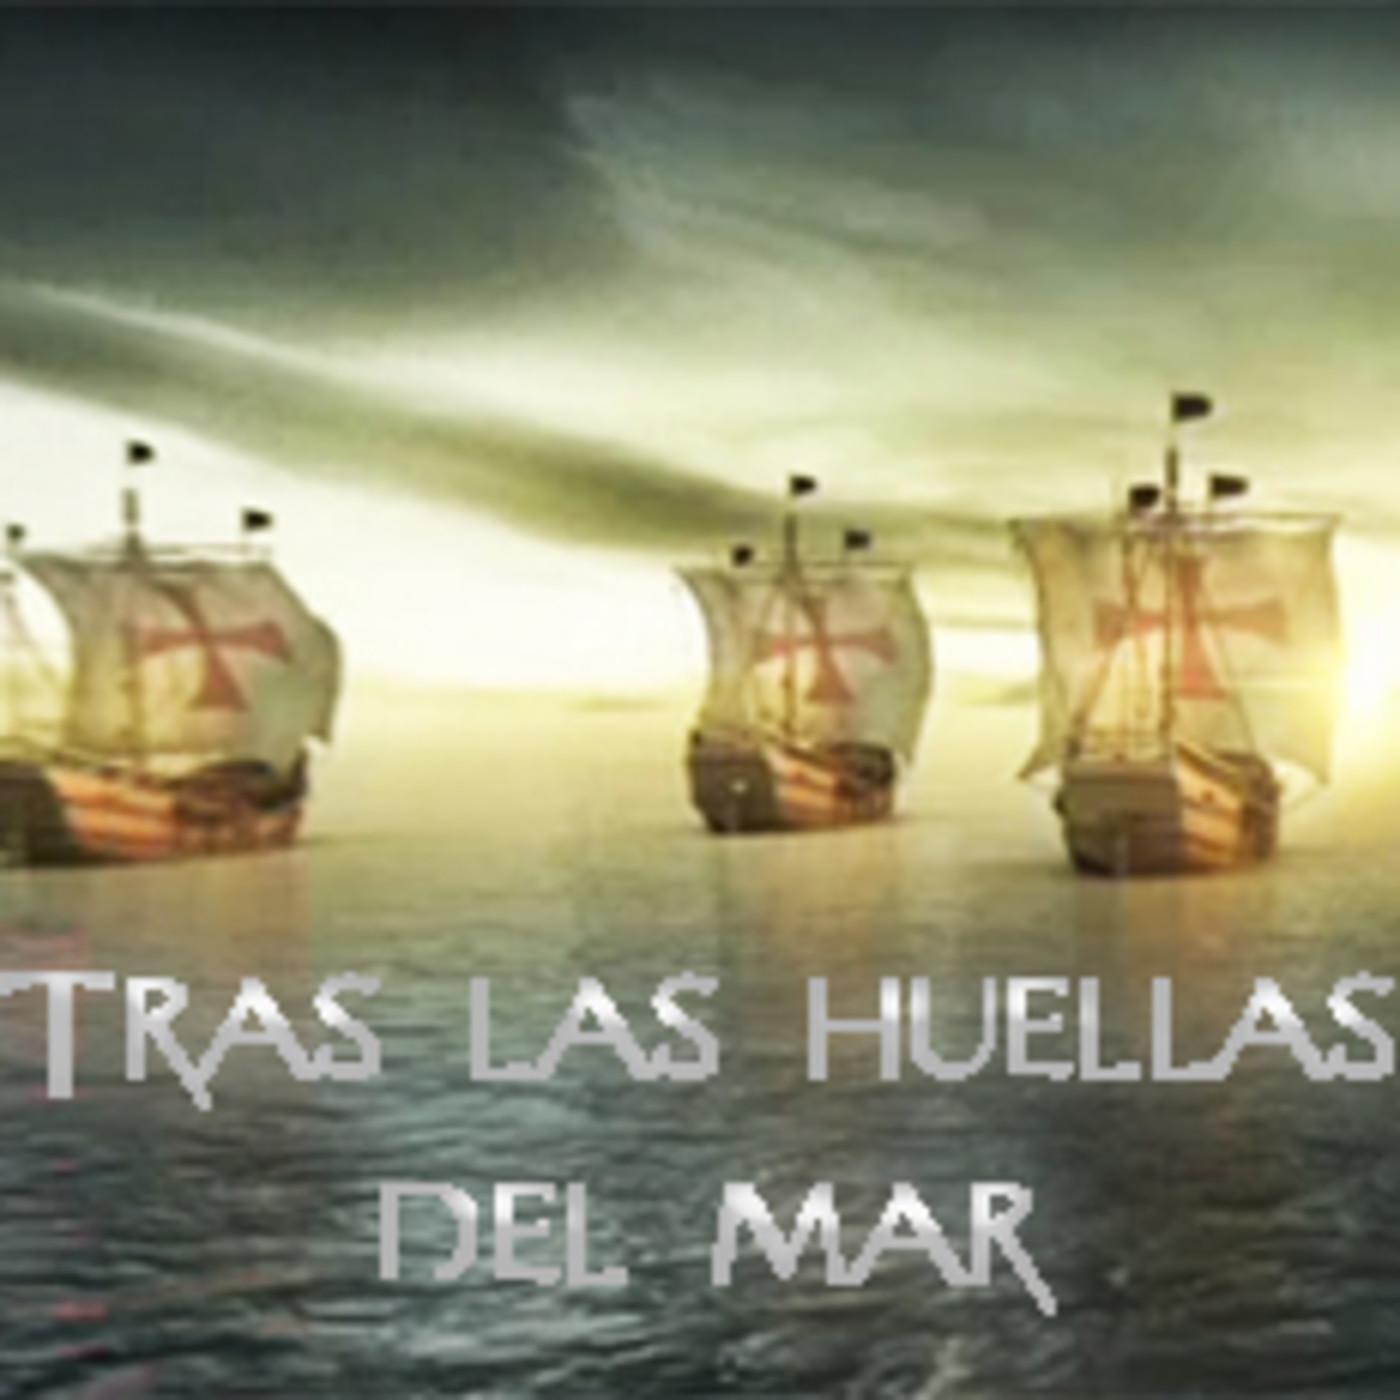 Tras las huellas del mar - ¿Descubrió Colón América?